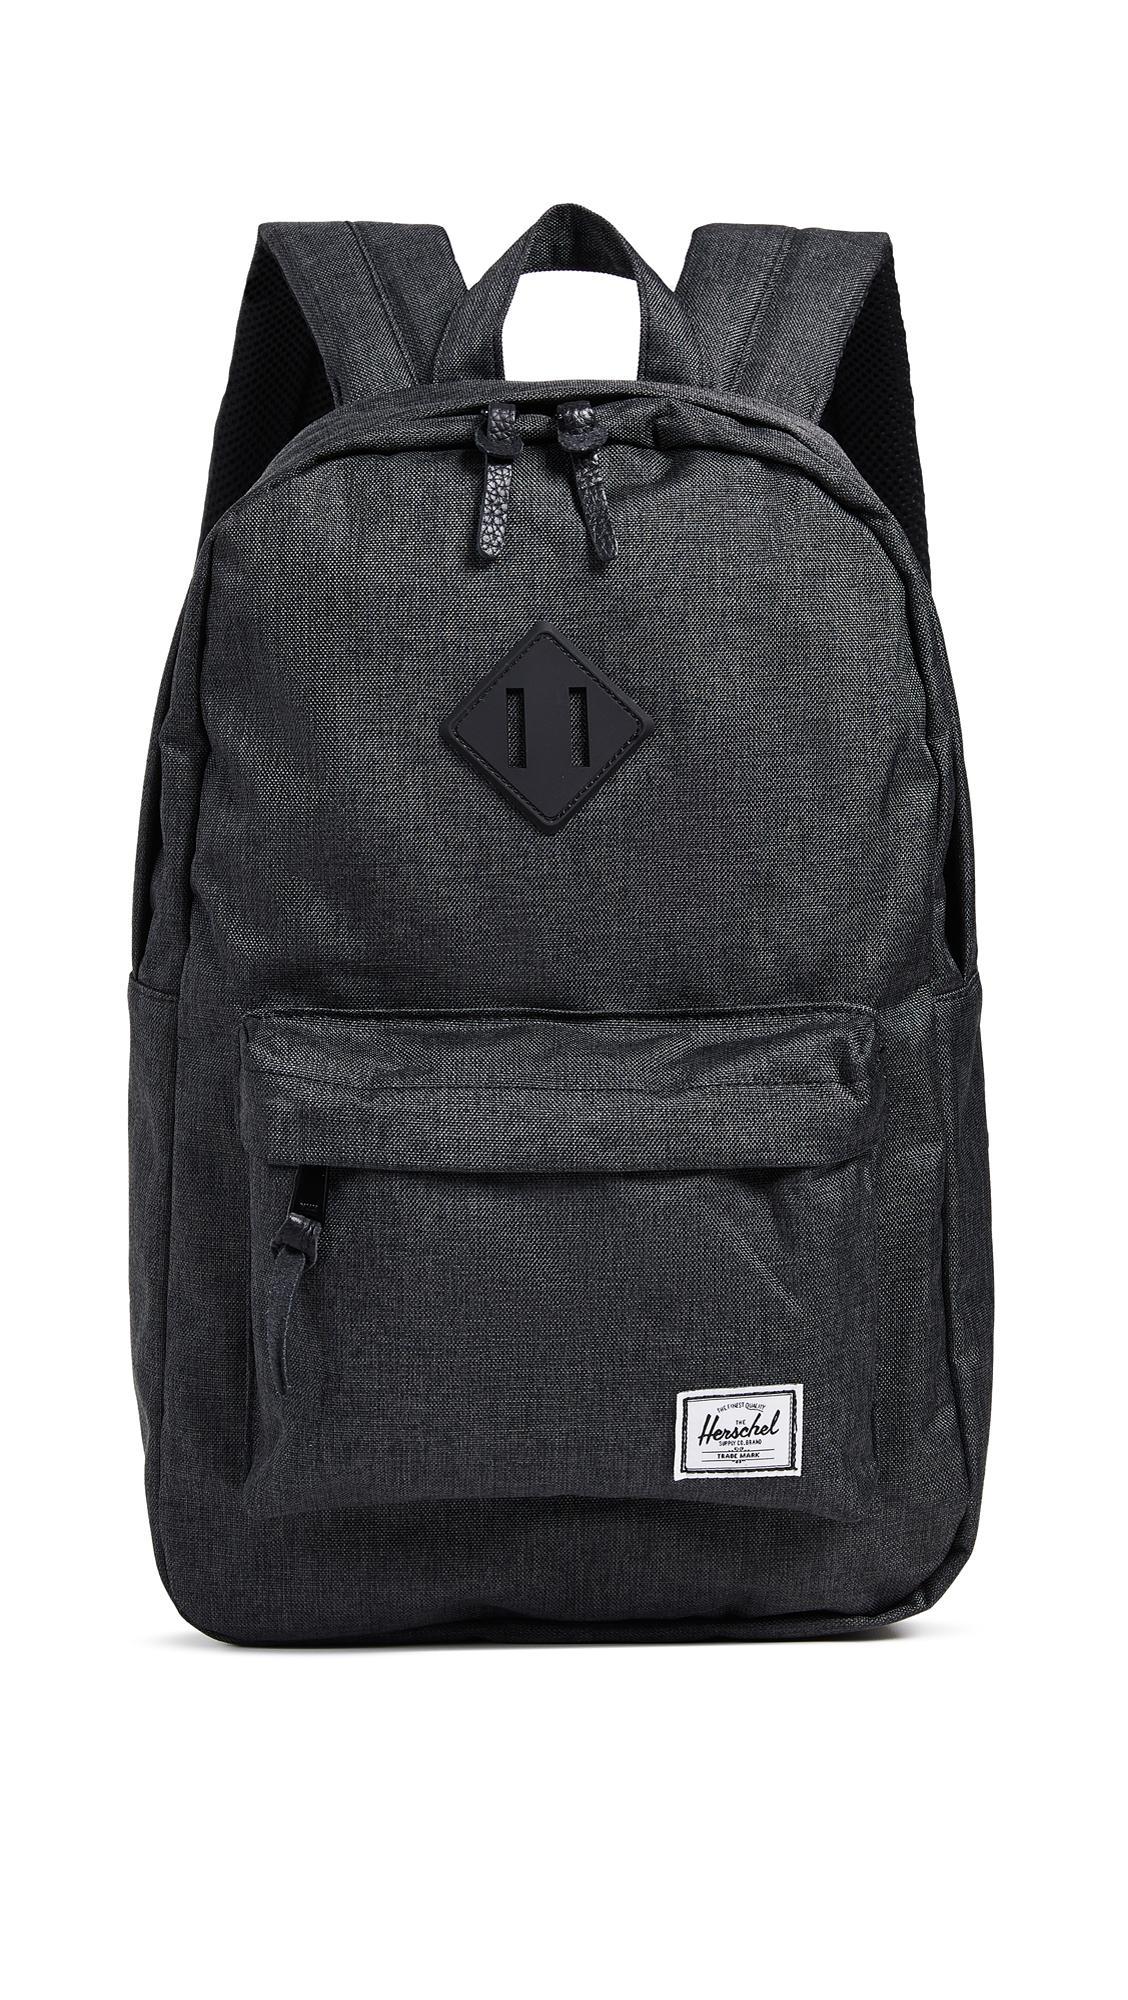 01def986be9 Herschel Supply Co. Heritage Mid Volume Backpack In Black Crosshatch ...